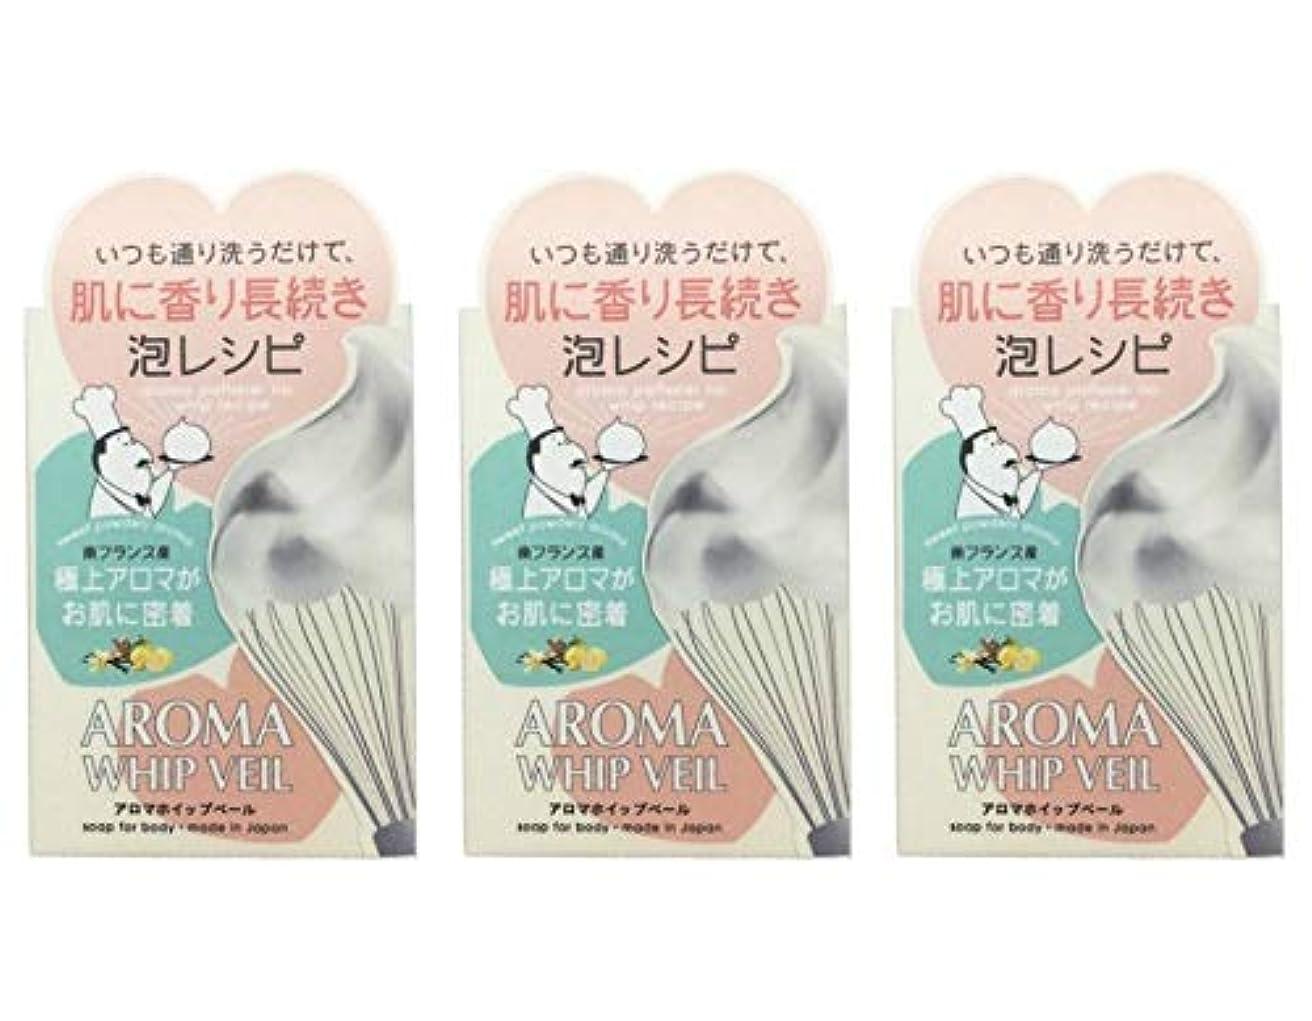 ダム箱買収【3個セット】ペリカン石鹸 アロマホイップベール石鹸 100g【3個セット】